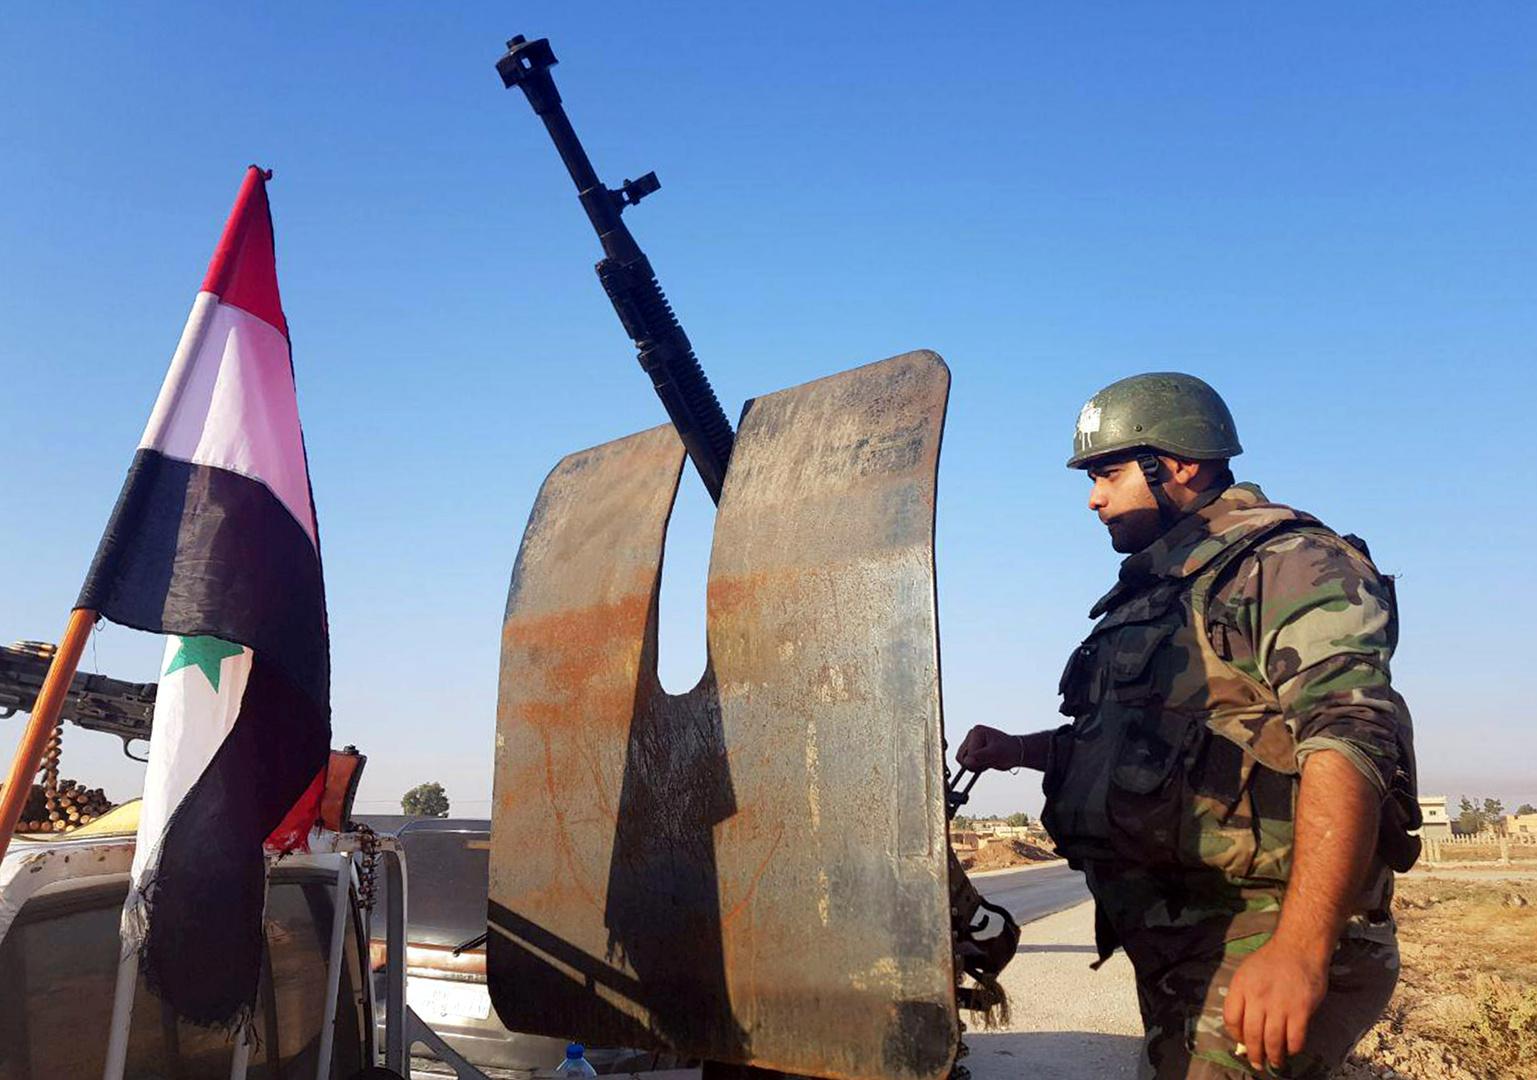 الجيش السوري يعلن تطهير بلدات بريف إدلب الجنوبي بينها معرة النعمان